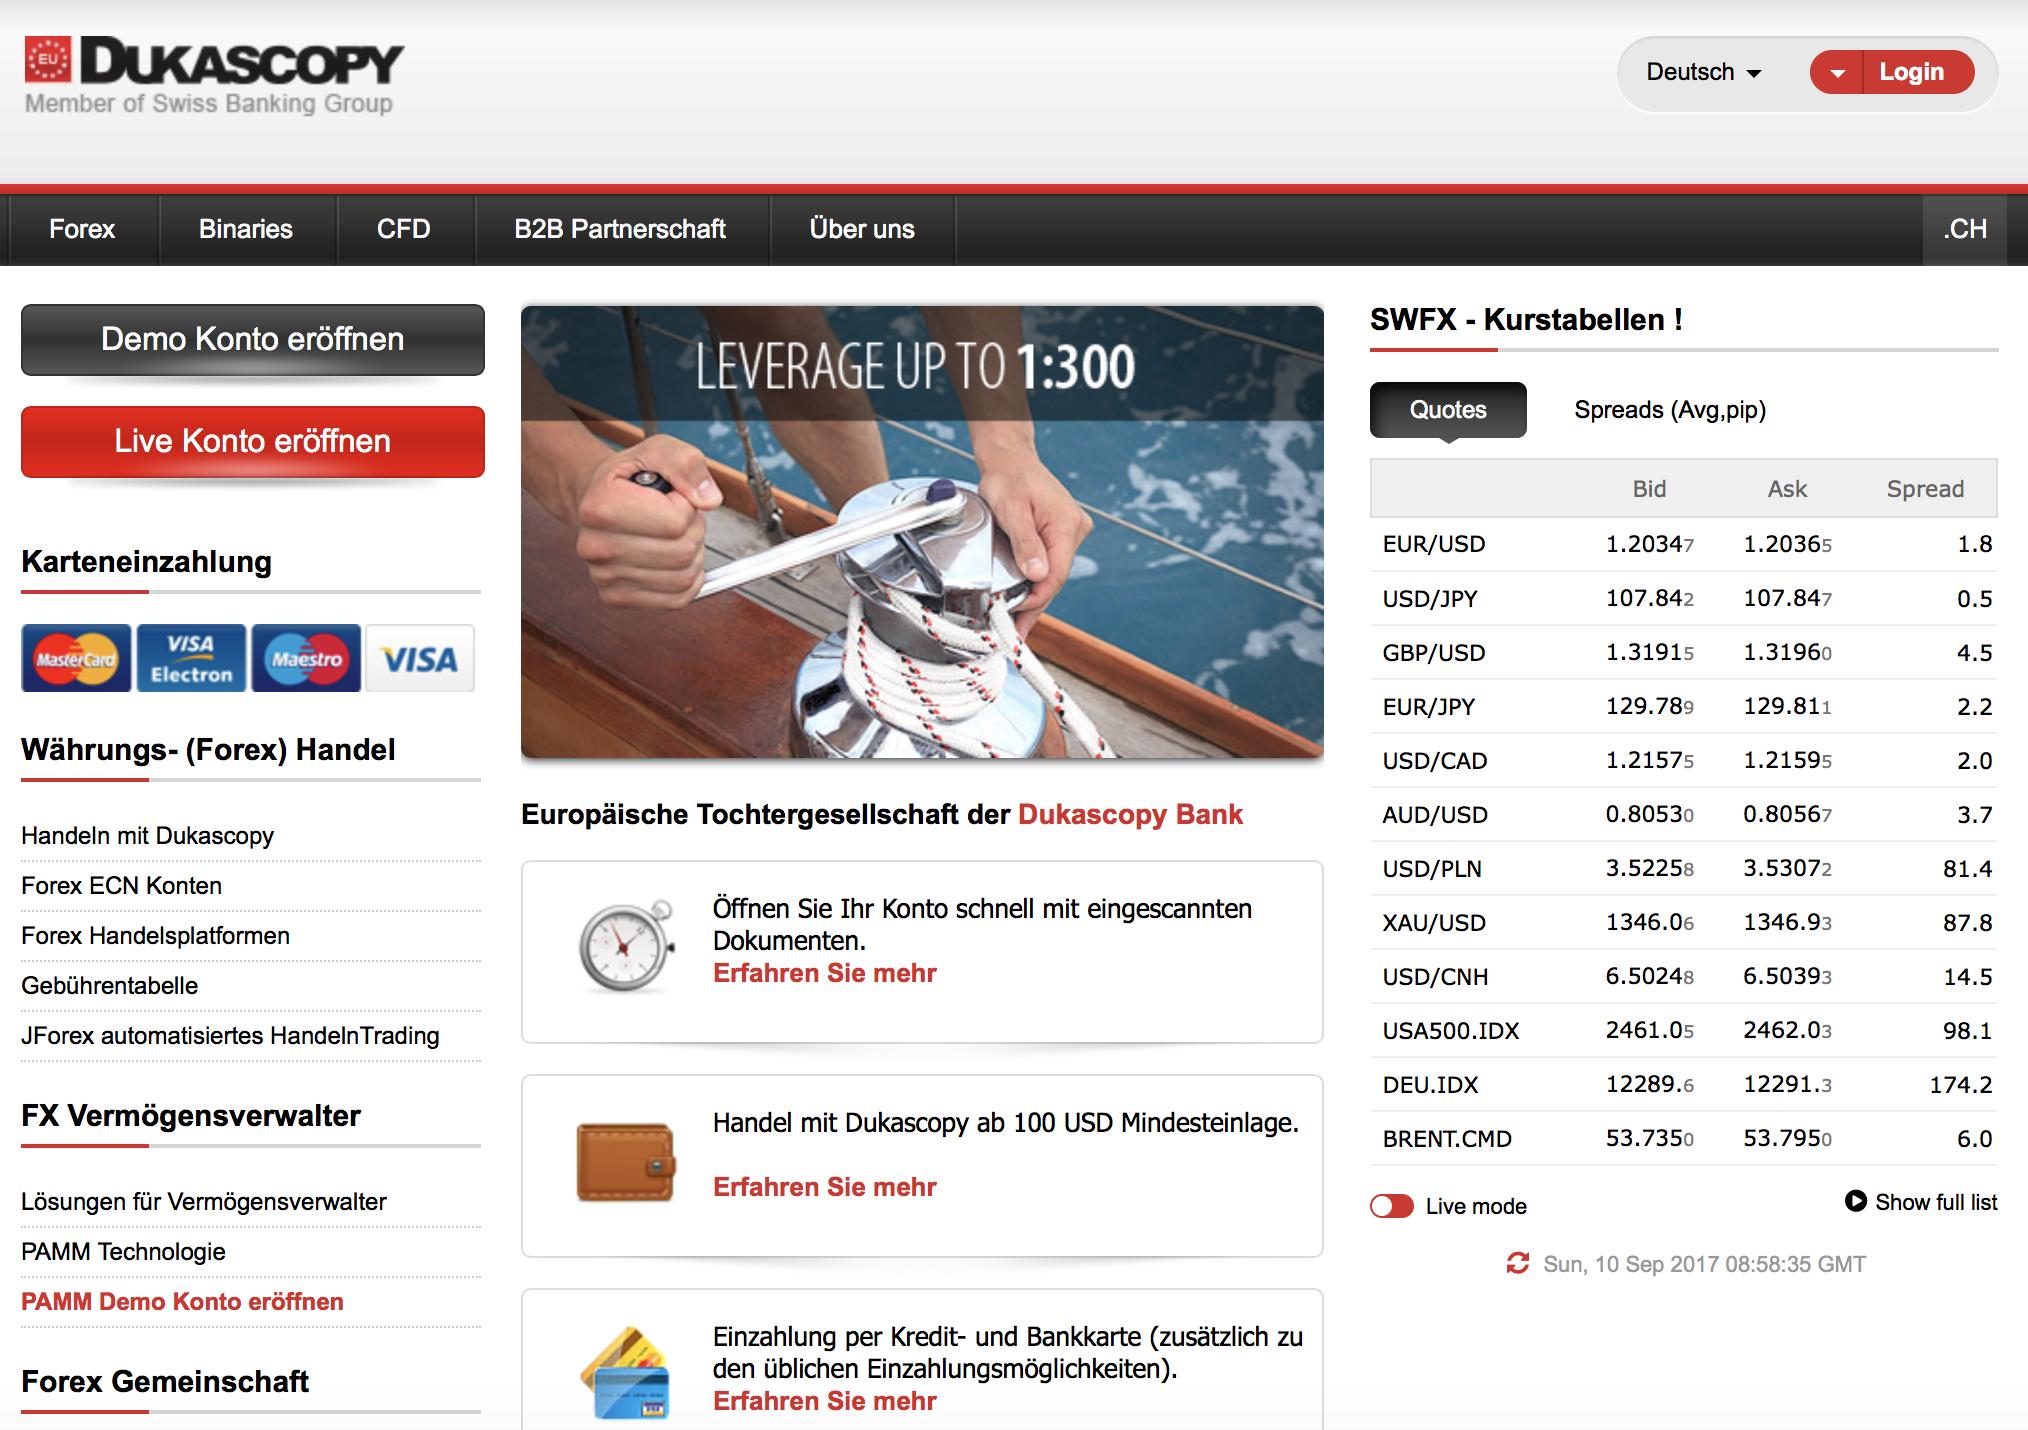 Bei Dukascopy finden Trader zahlreiche Informationen und vielfältige Angebote